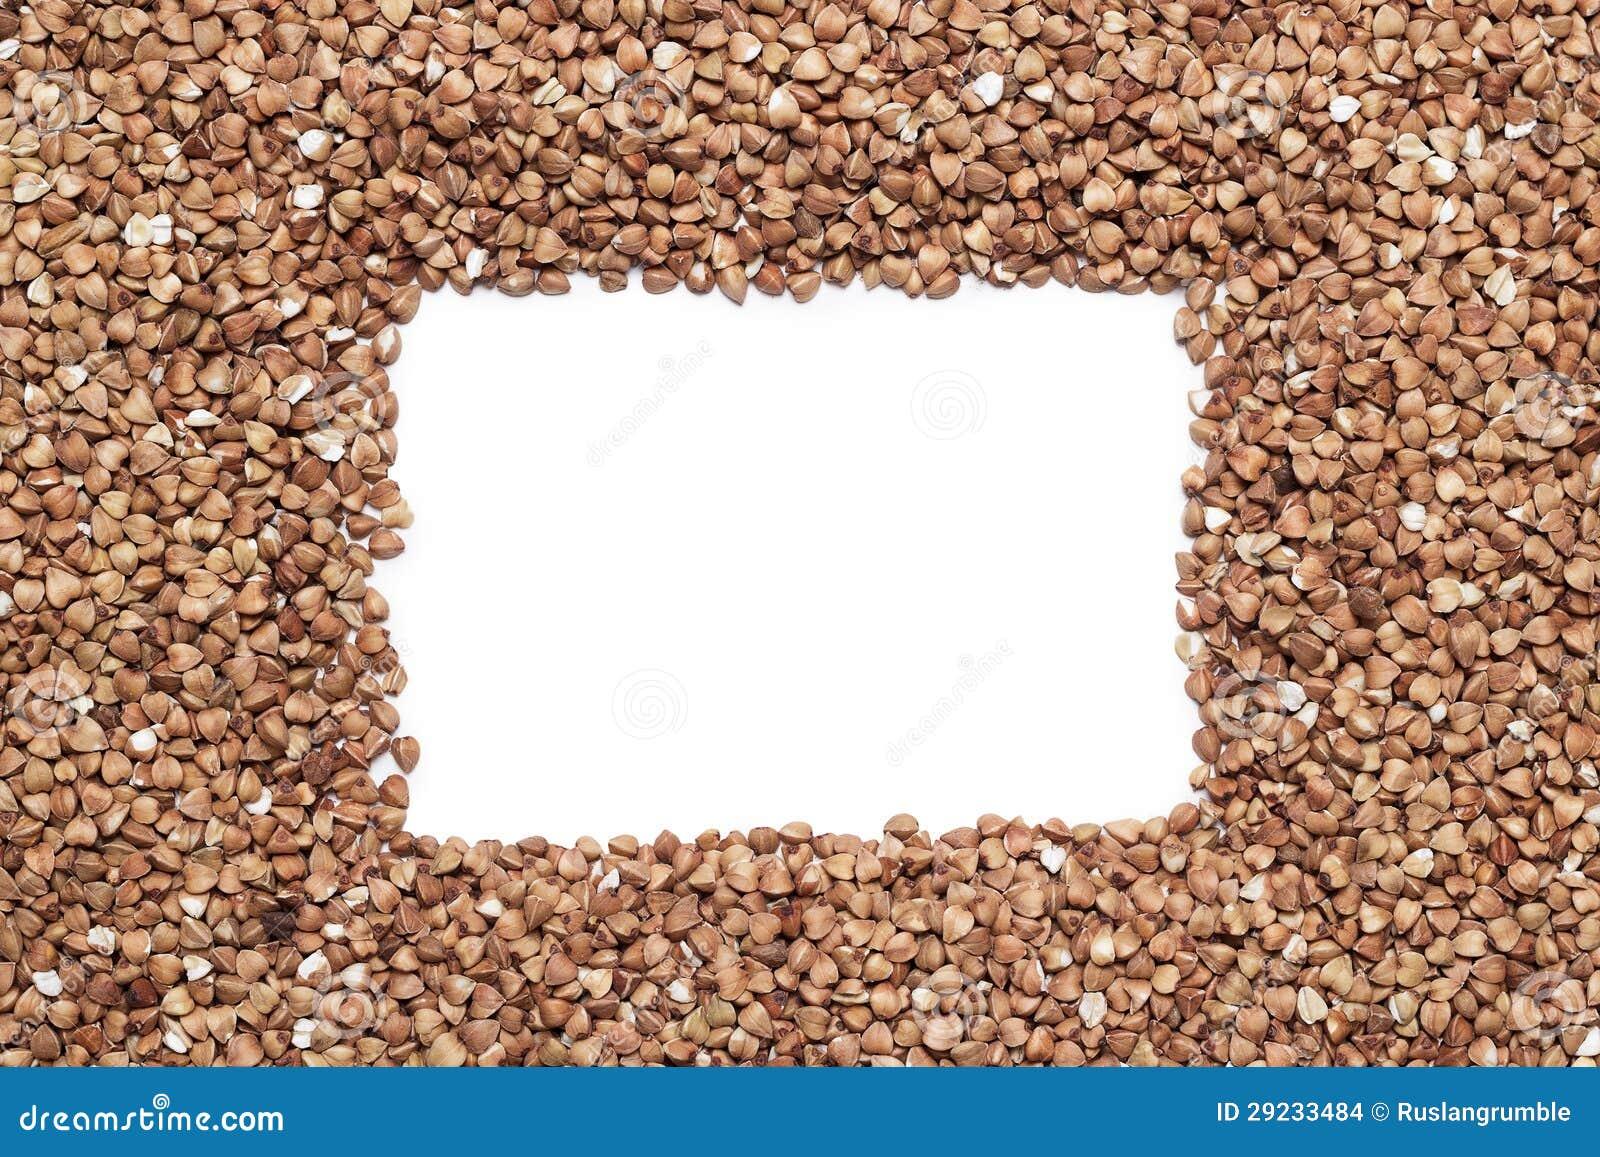 Download Trigo Mourisco Com Espaço Da Cópia No Meio Foto de Stock - Imagem de cereal, textura: 29233484